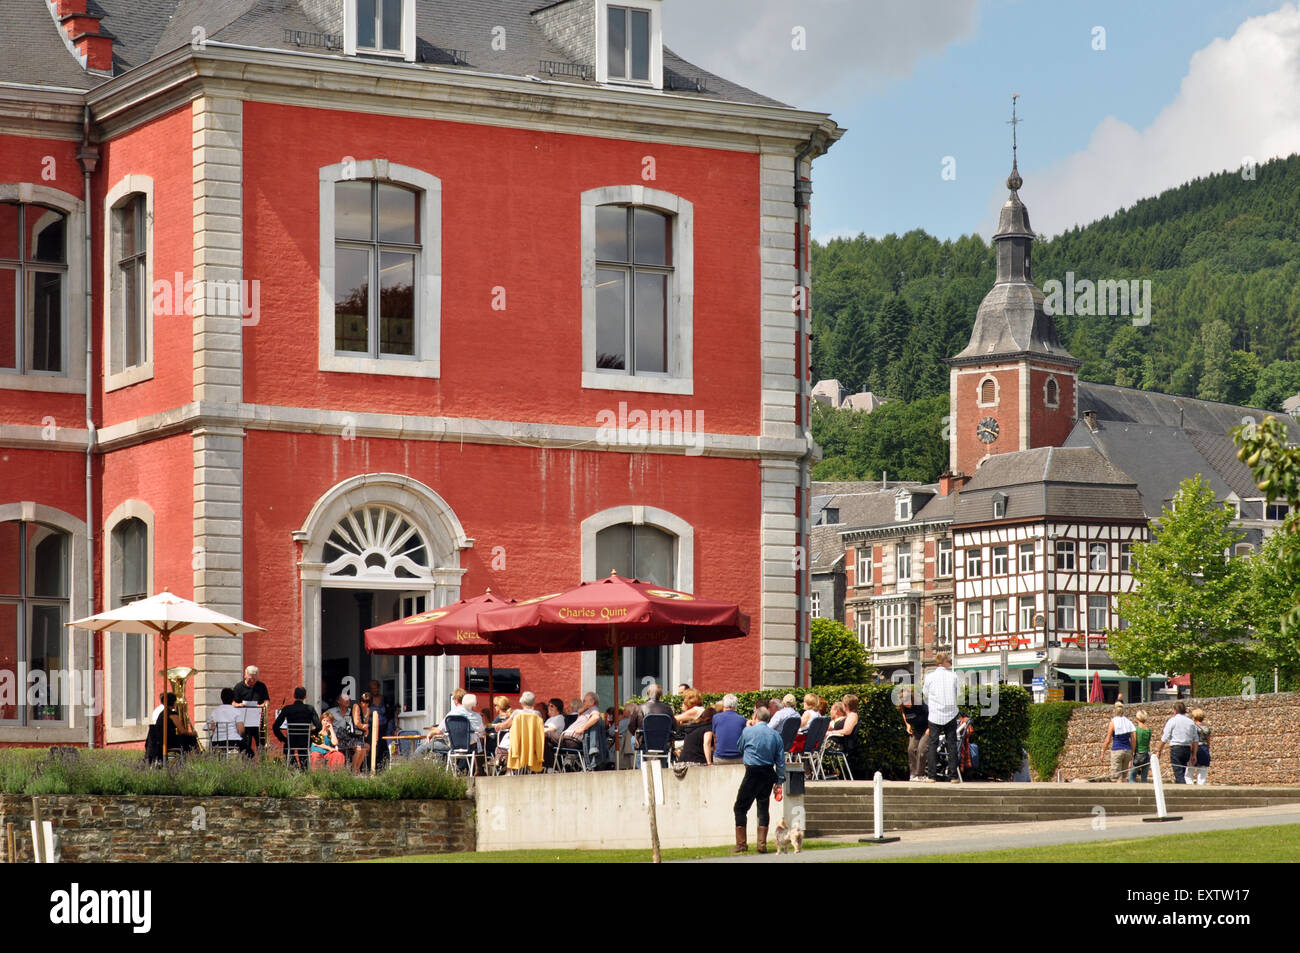 9101cf0c8e17e Almuerzo de verano concierto en el jardín de té de la Abadía de Stavelot  Imagen De